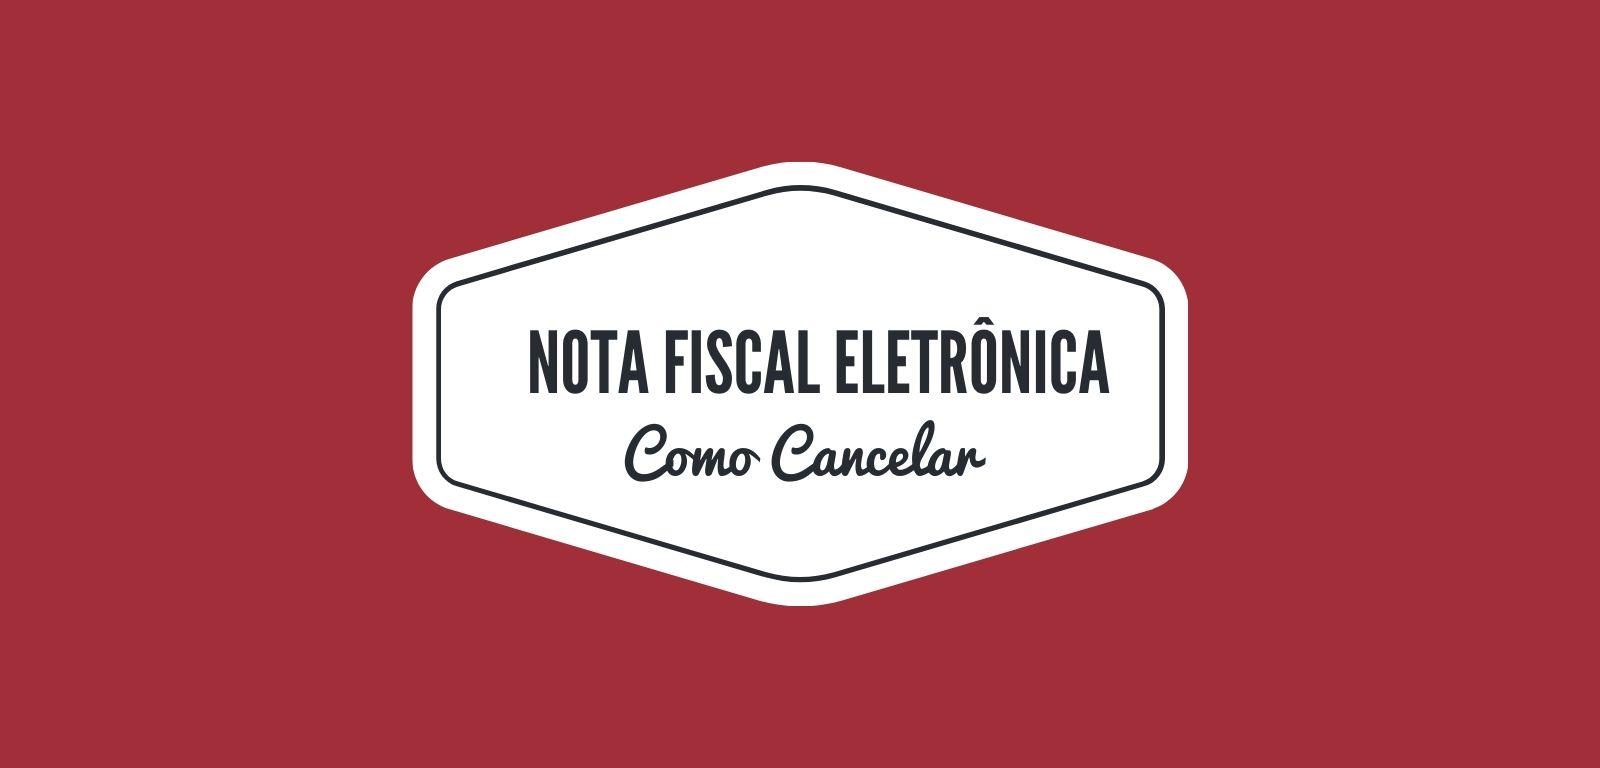 Nota Fiscal Eletrônica como Cancelar